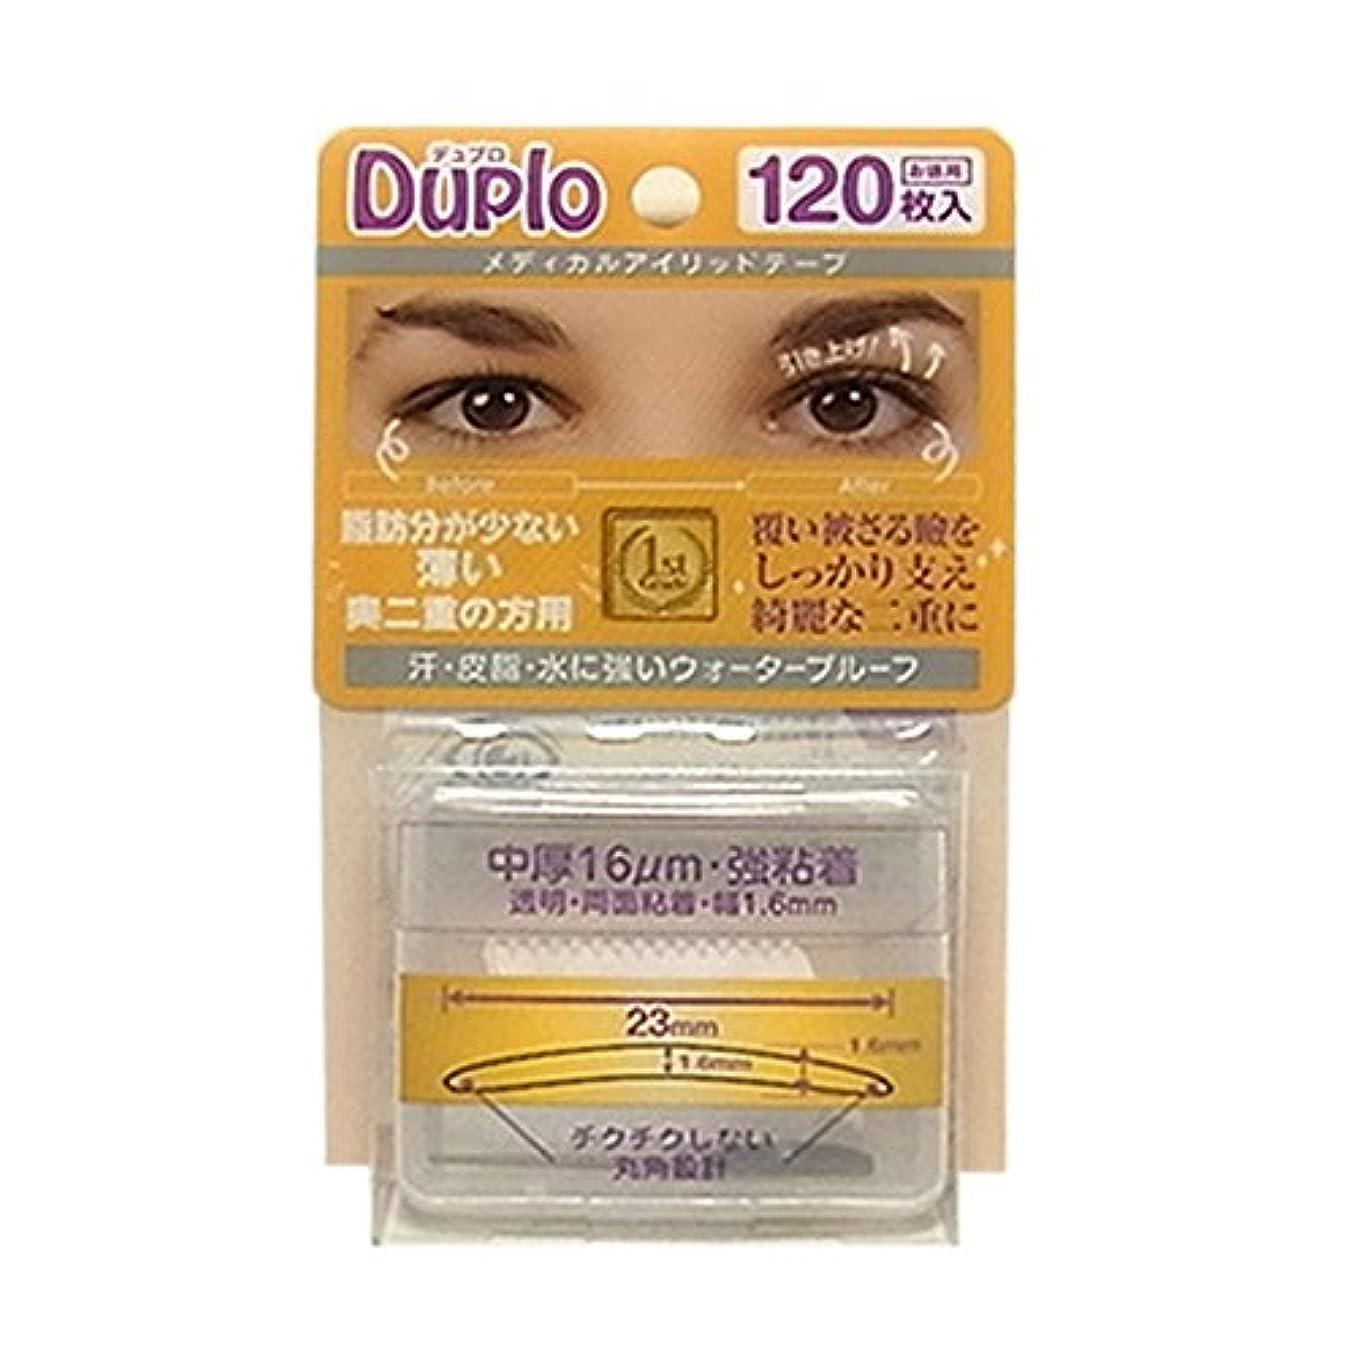 実り多いリブ境界Duplo デュプロ メディカルアイリッドテープ 中厚 16μm 強粘着 (眼瞼下垂防止用テープ)透明?両面 120枚入